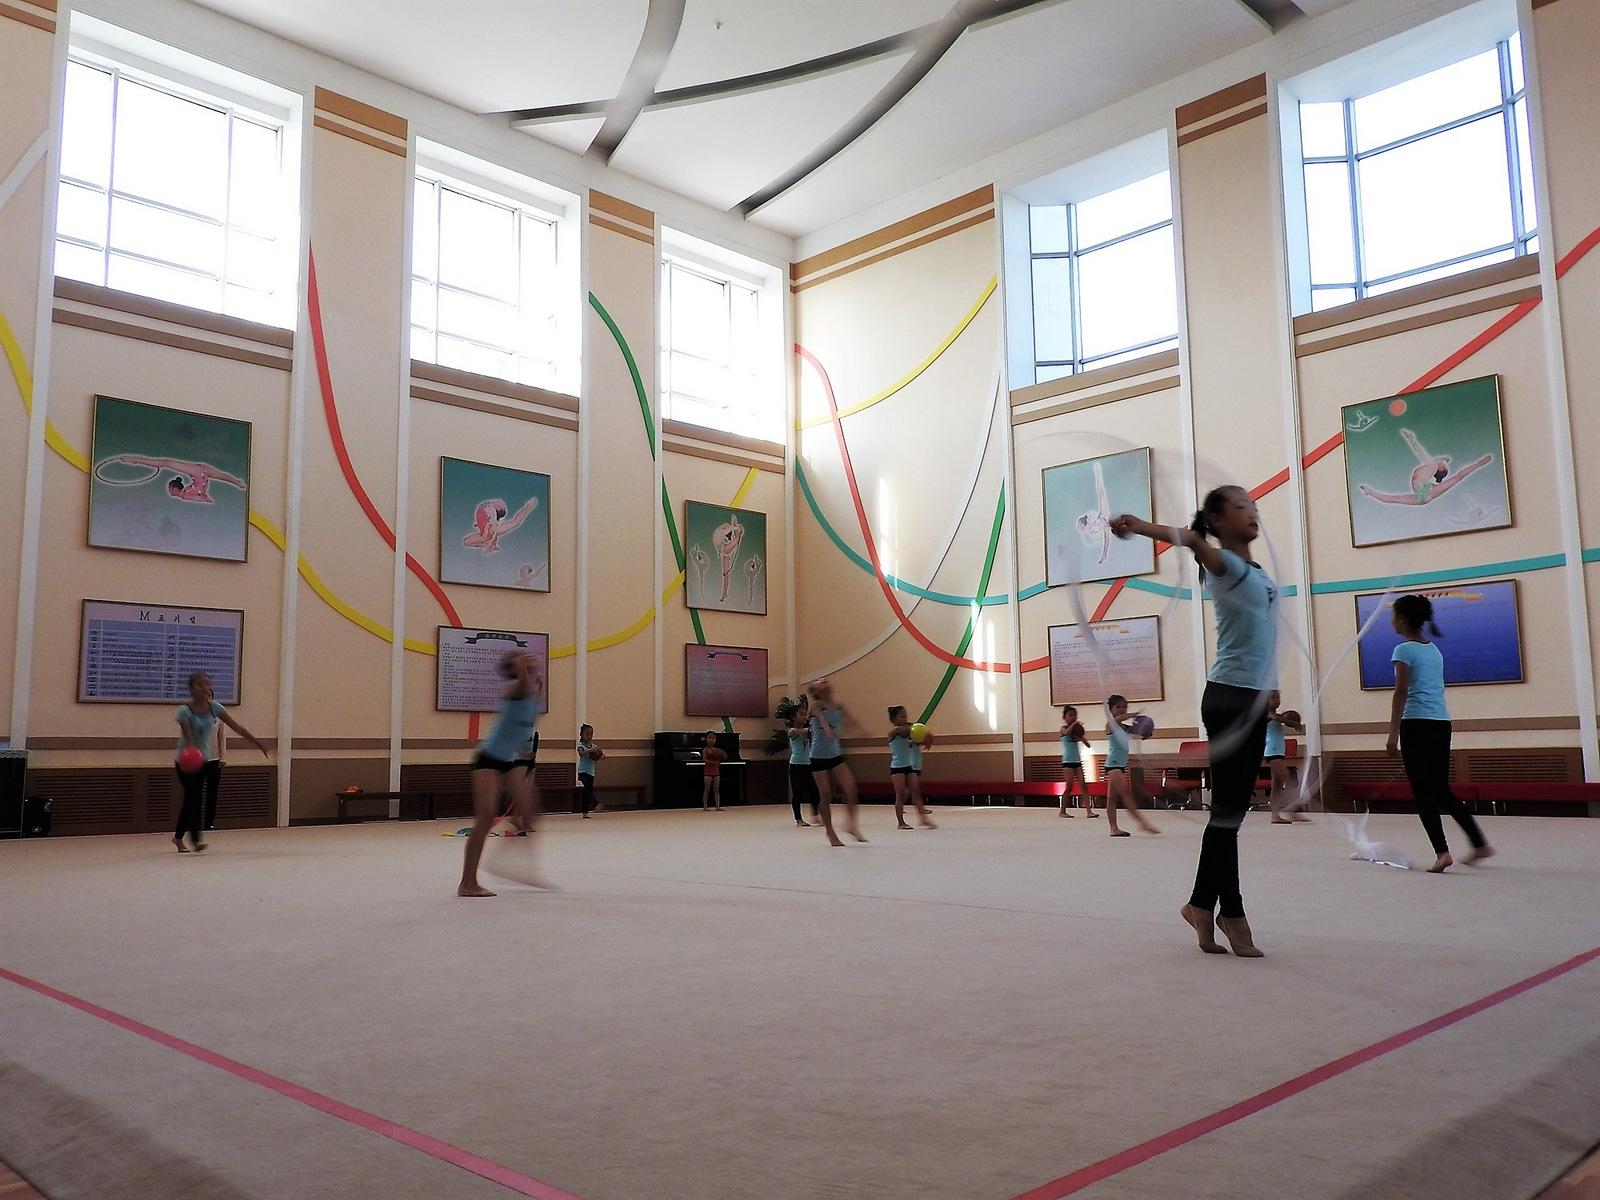 Στην ακαδημία  Mangyongdae στην Πιονγιάνγκ περίπου 5000 παιδιά κάθε μέρα μαθαίνουν-  εντελώς δωρεάν- χορό, κορεατική και ξένη μουσική, υπολογιστές,  καλλιγραφία, ενώ σημαντικό βάρος δίνεται στις αθλητικές  δραστηριότητες.